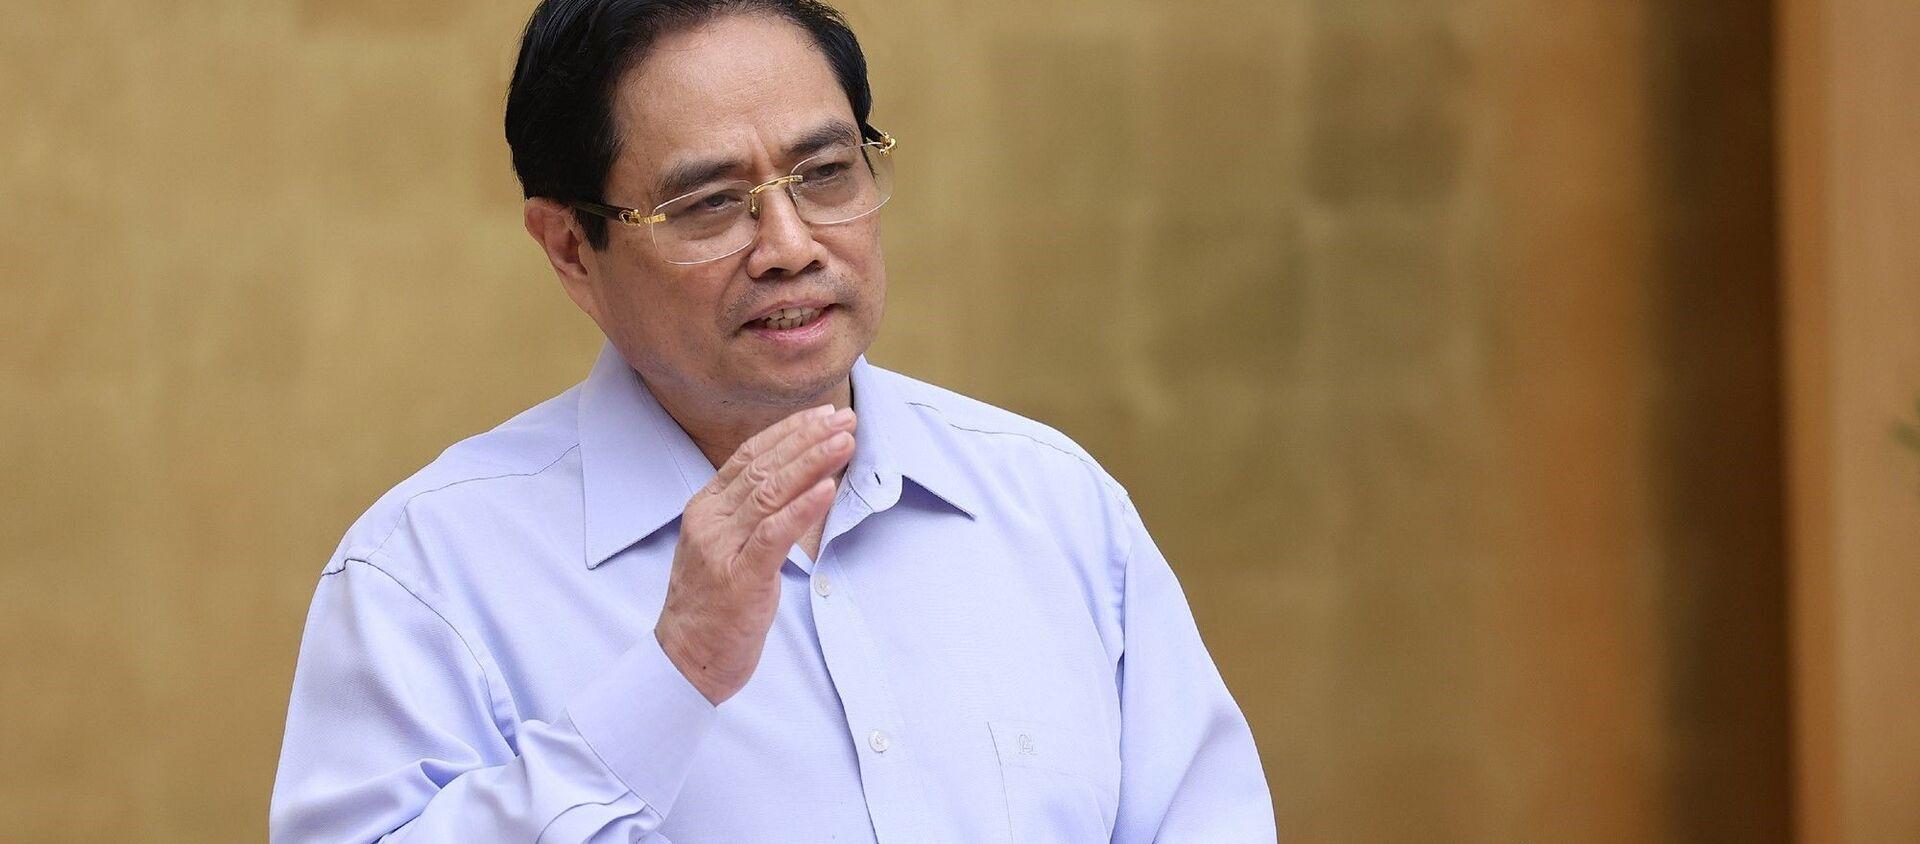 Thủ tướng Phạm Minh Chính chủ trì hội nghị trực tuyến với các tỉnh, thành phía Nam triển khai các biện pháp cấp bách phòng, chống dịch COVID-19 - Sputnik Việt Nam, 1920, 21.07.2021